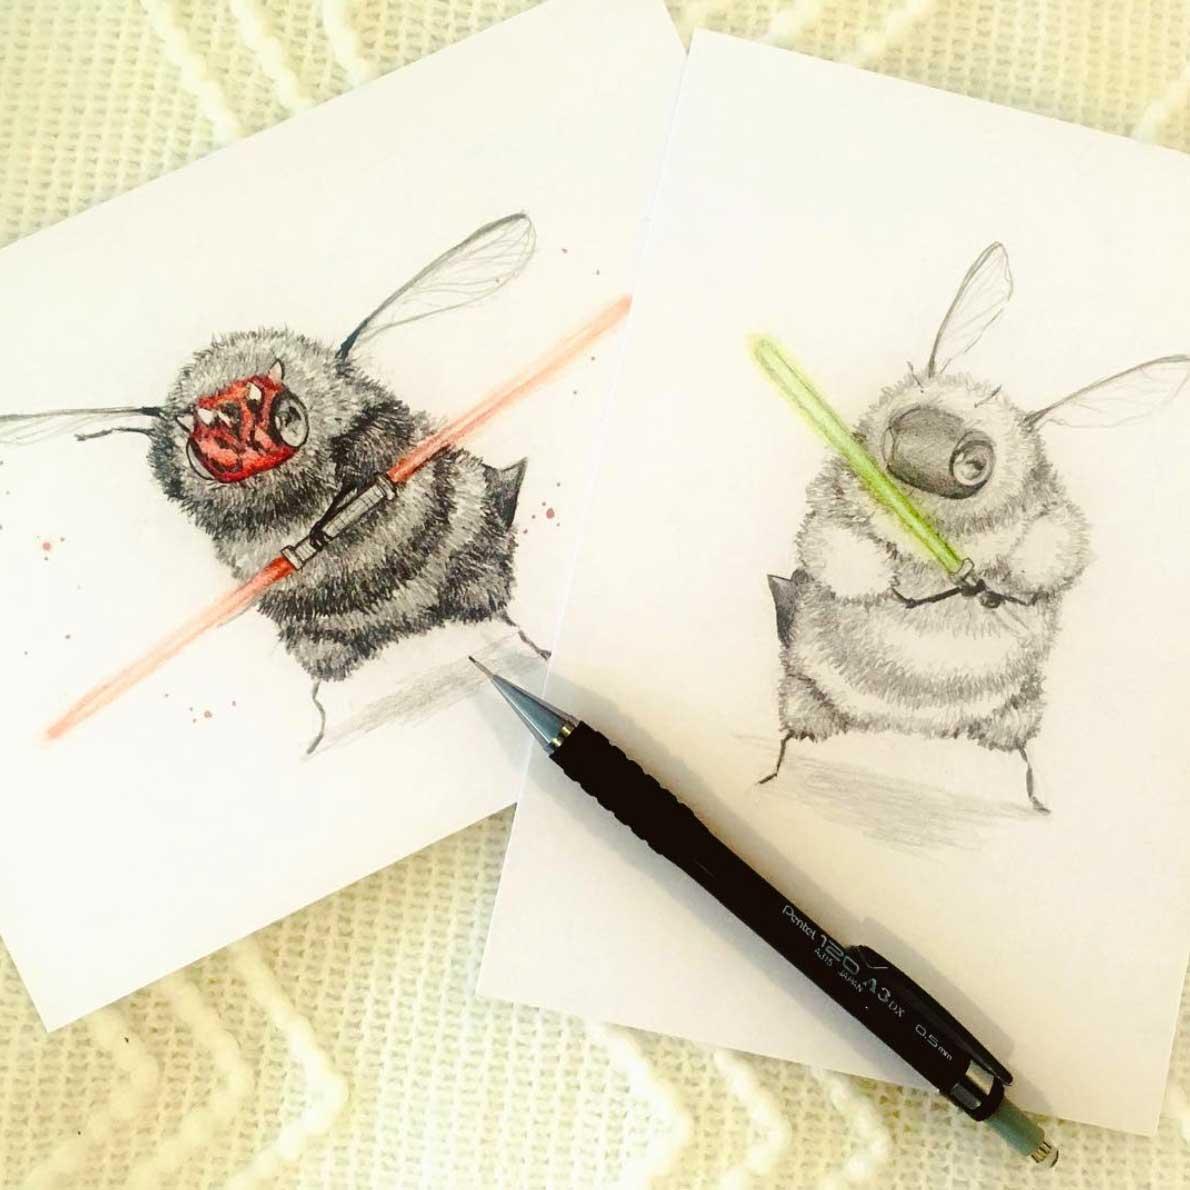 Als Bienen gemalte Popkulturfiguren popkulturbienen-von-Camilla-dErrico_05